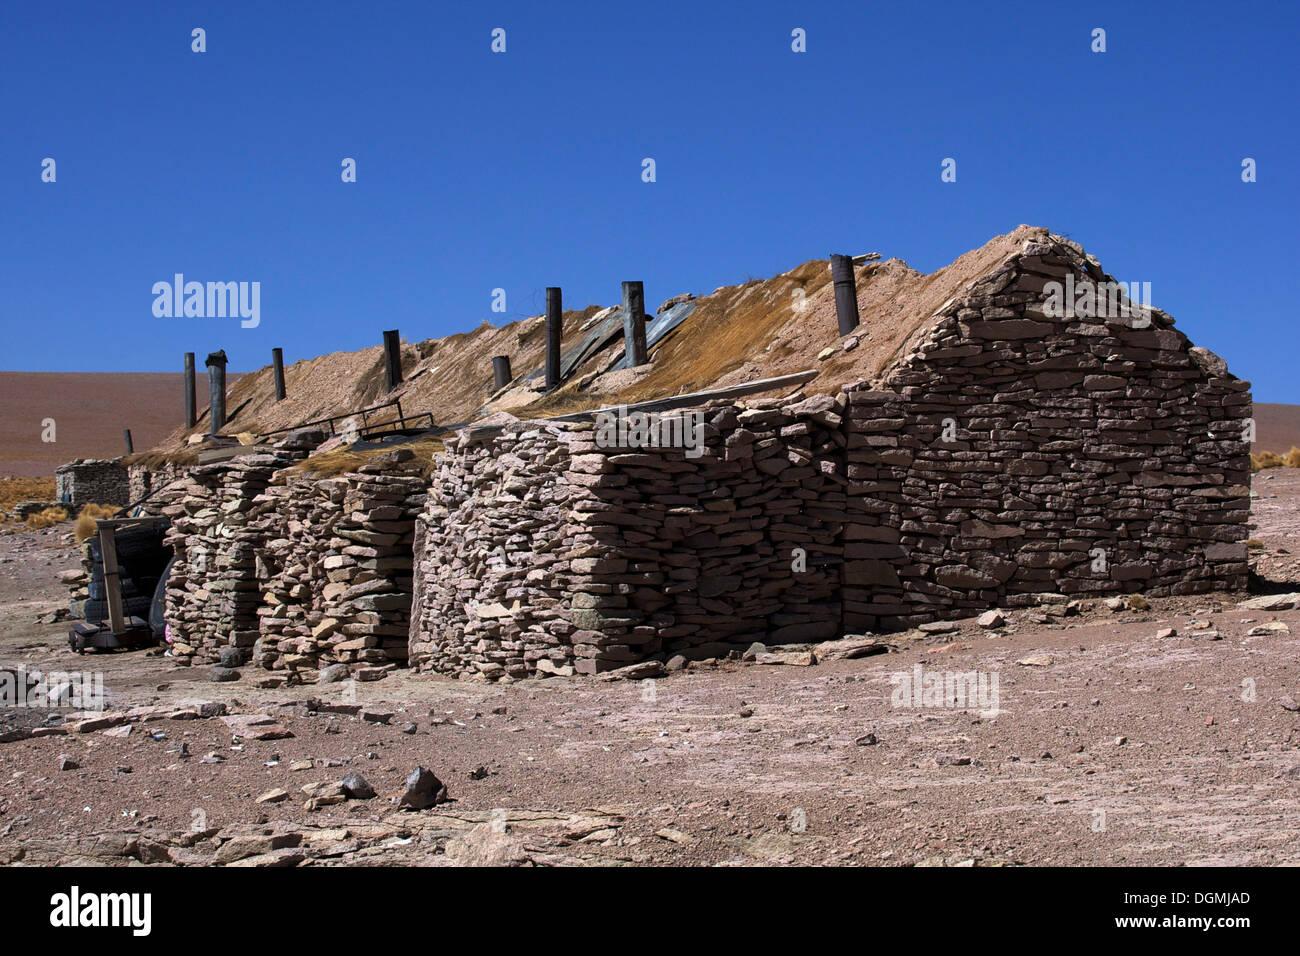 Haus Aus Stein, Unterkunft Für Salz Arbeiter, Atacama Wüste, Altiplano,  Bolivien, Südamerika